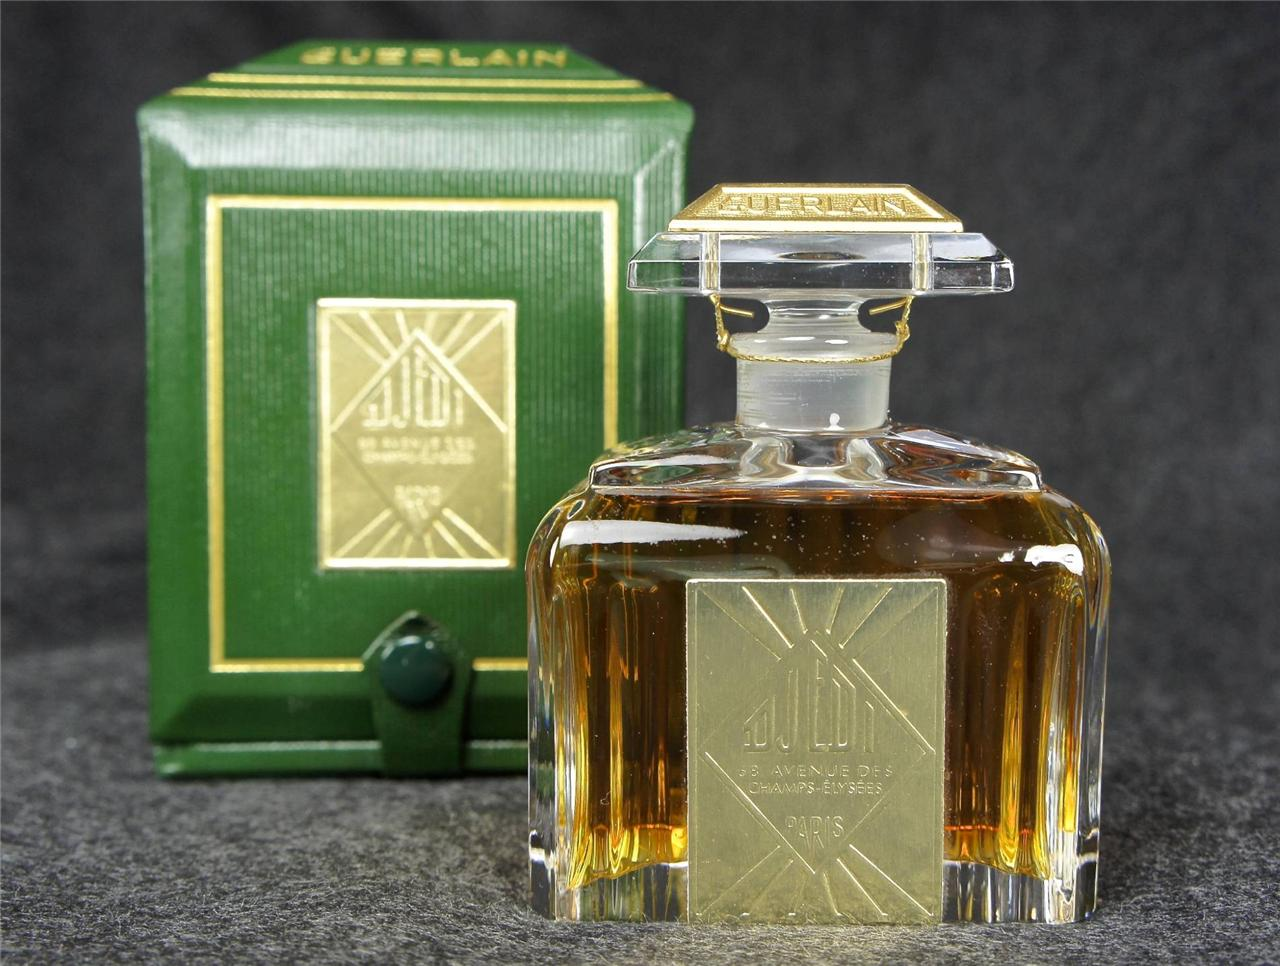 Djedi Guerlain for women 1996 year yılı şişe ikinci üretim yılı 713583950_o.jpg